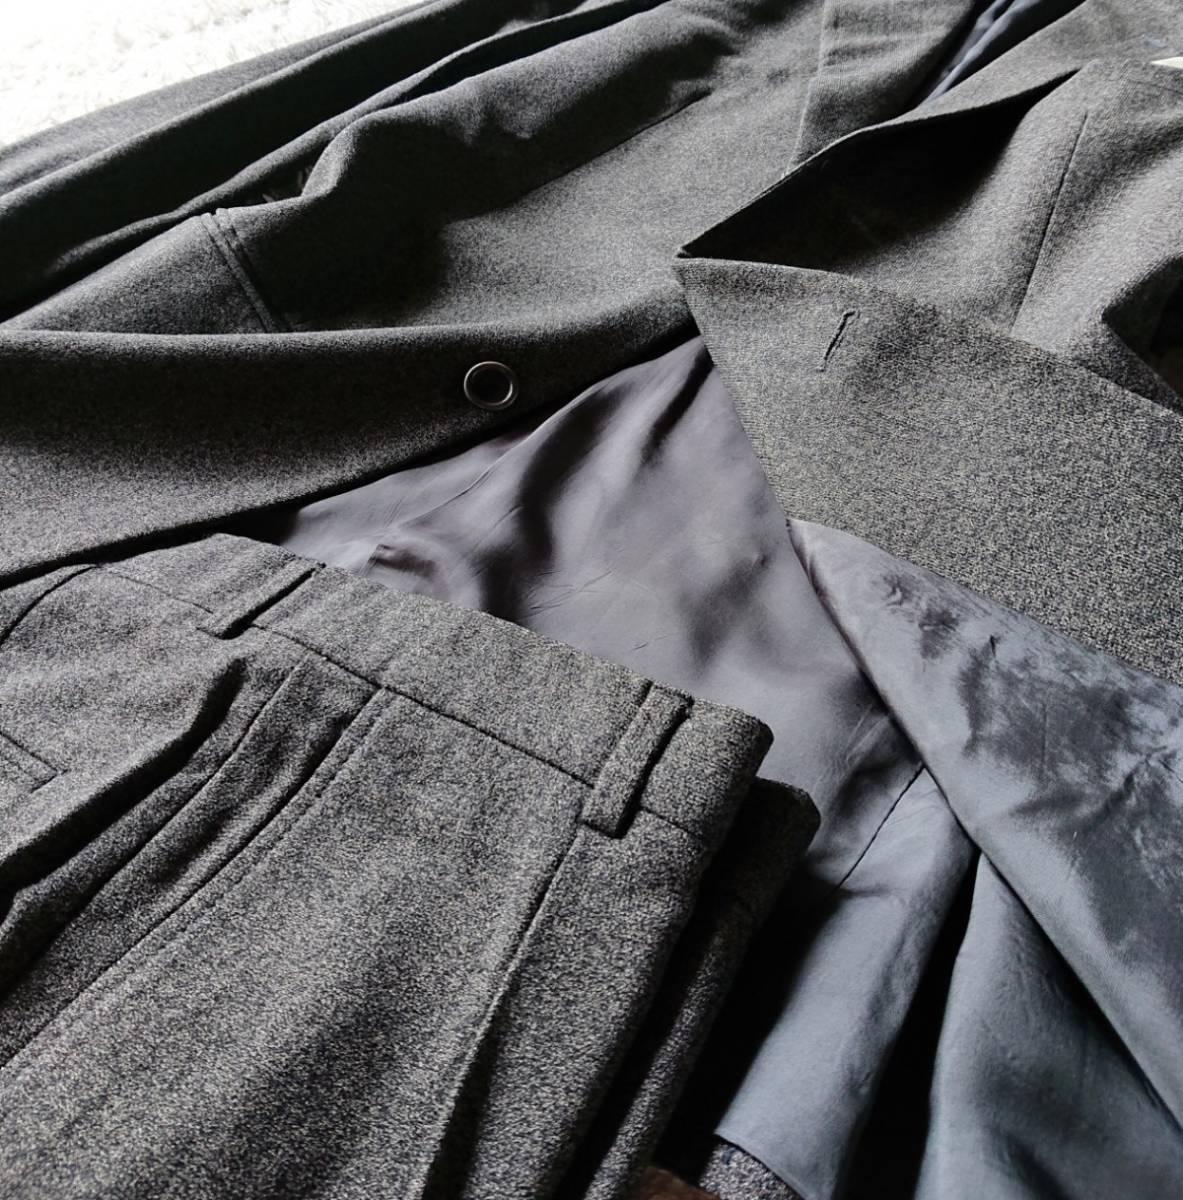 最高級ビジネスライン 極上ヴァージンウール100% 柔らか高級な肌触★ アルマーニ コレツィオーニ スーツ セットアップ メンズ ダークグレー_画像5